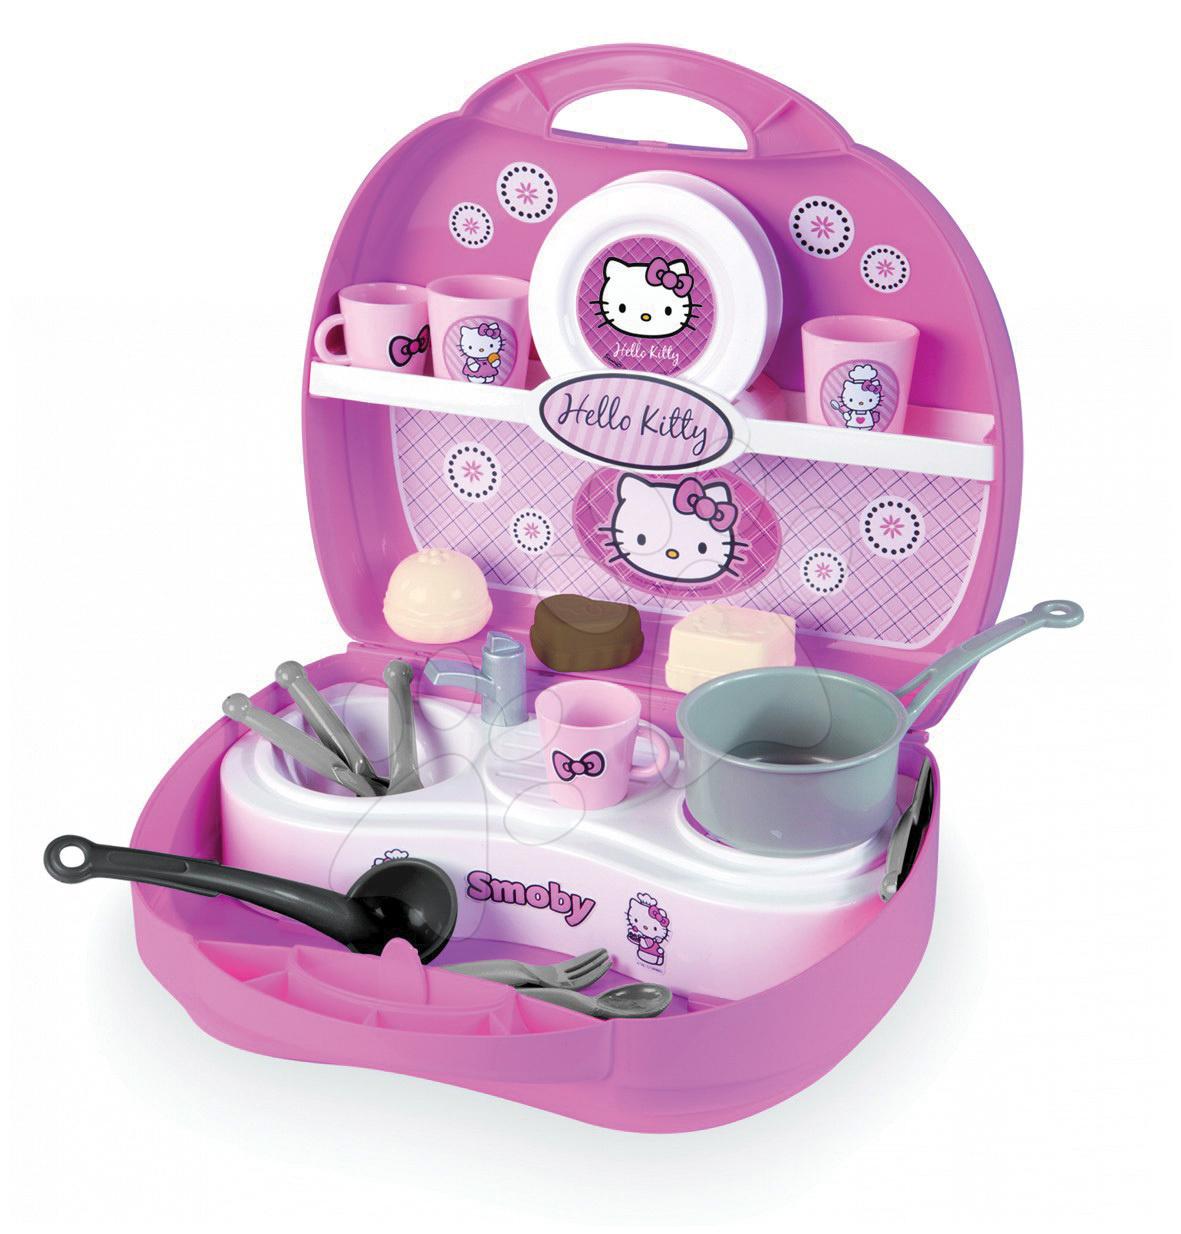 Staré položky - Kuchyňka v kufříku Hello Kitty Smoby a 20 doplňků